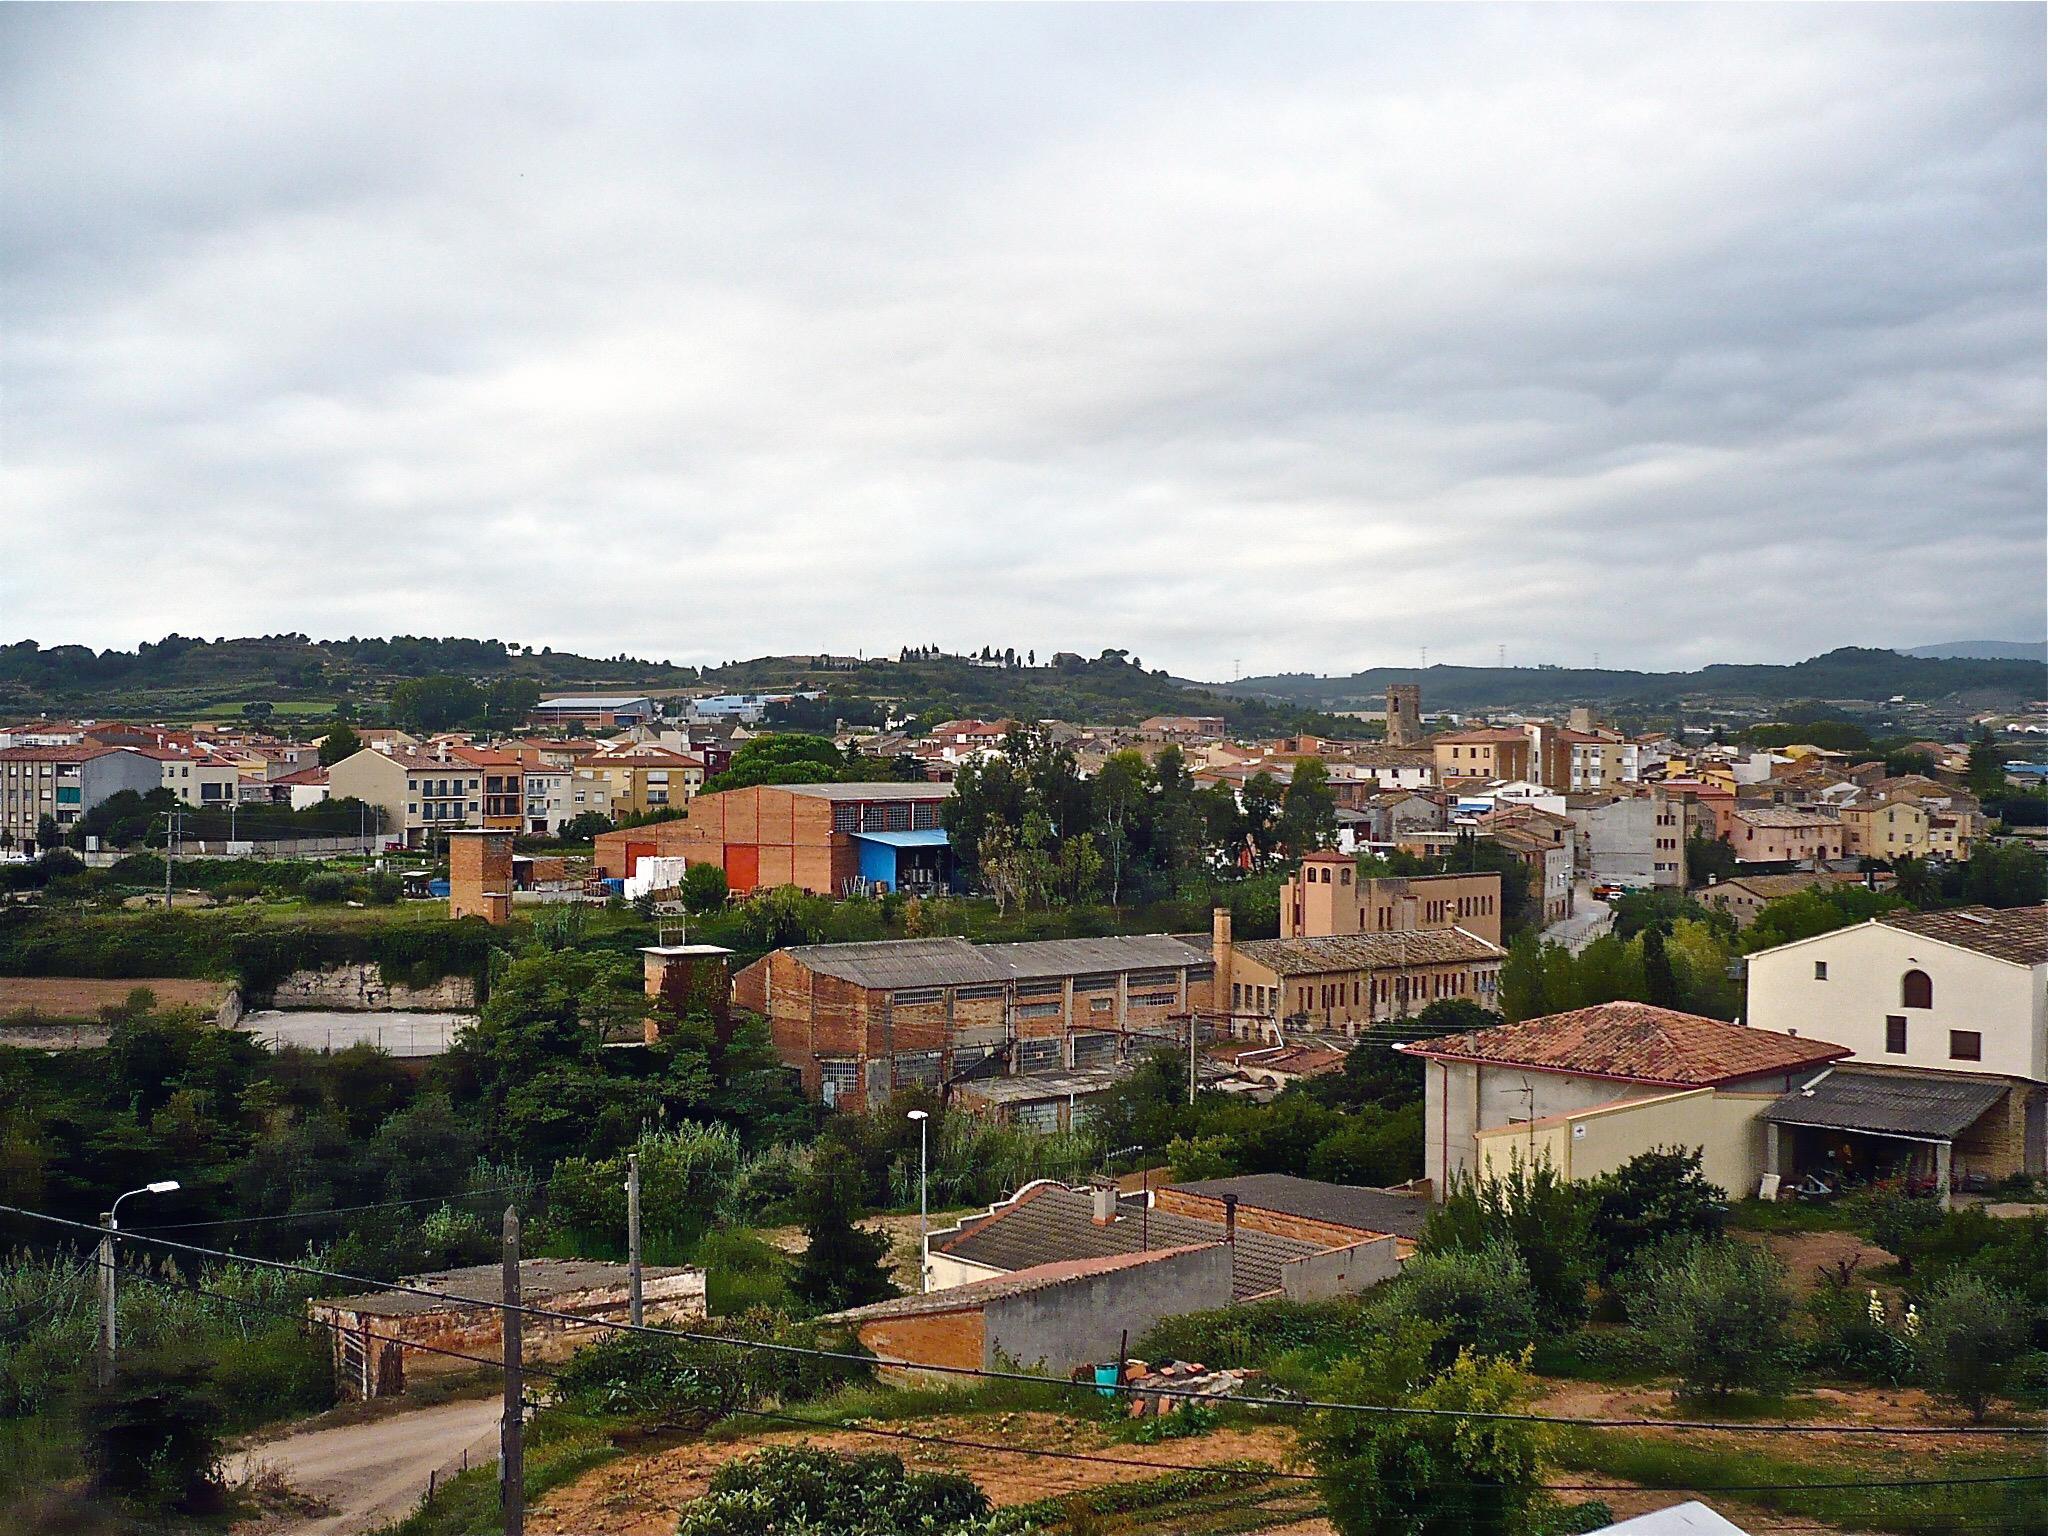 Vall del Mediona-Riudebitlles